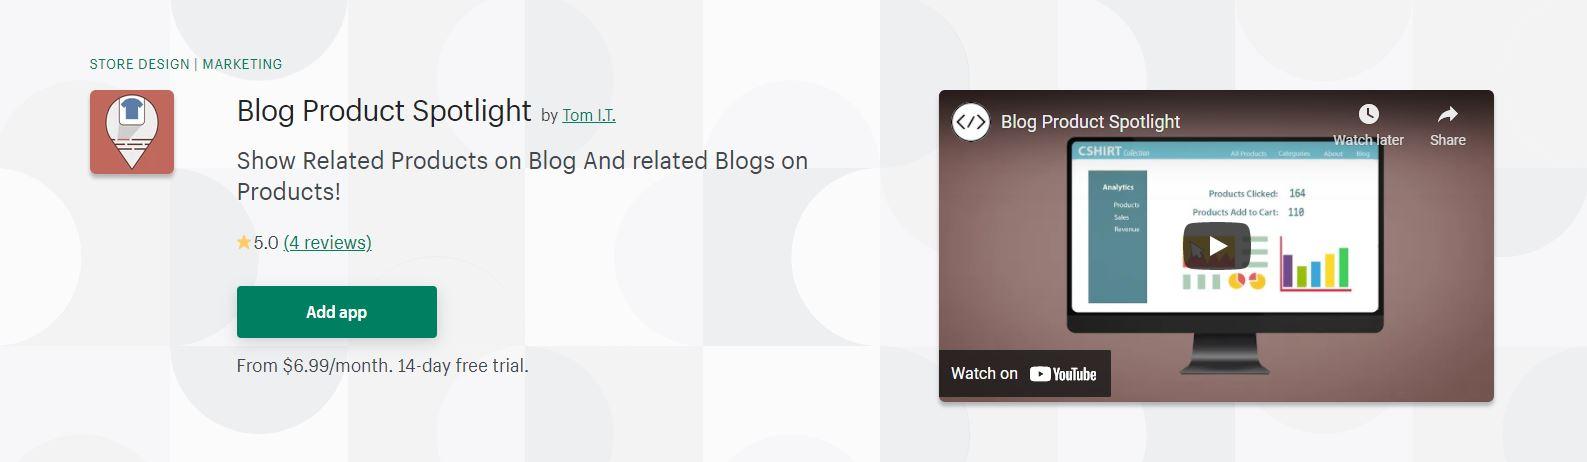 Blog Product Spotlight